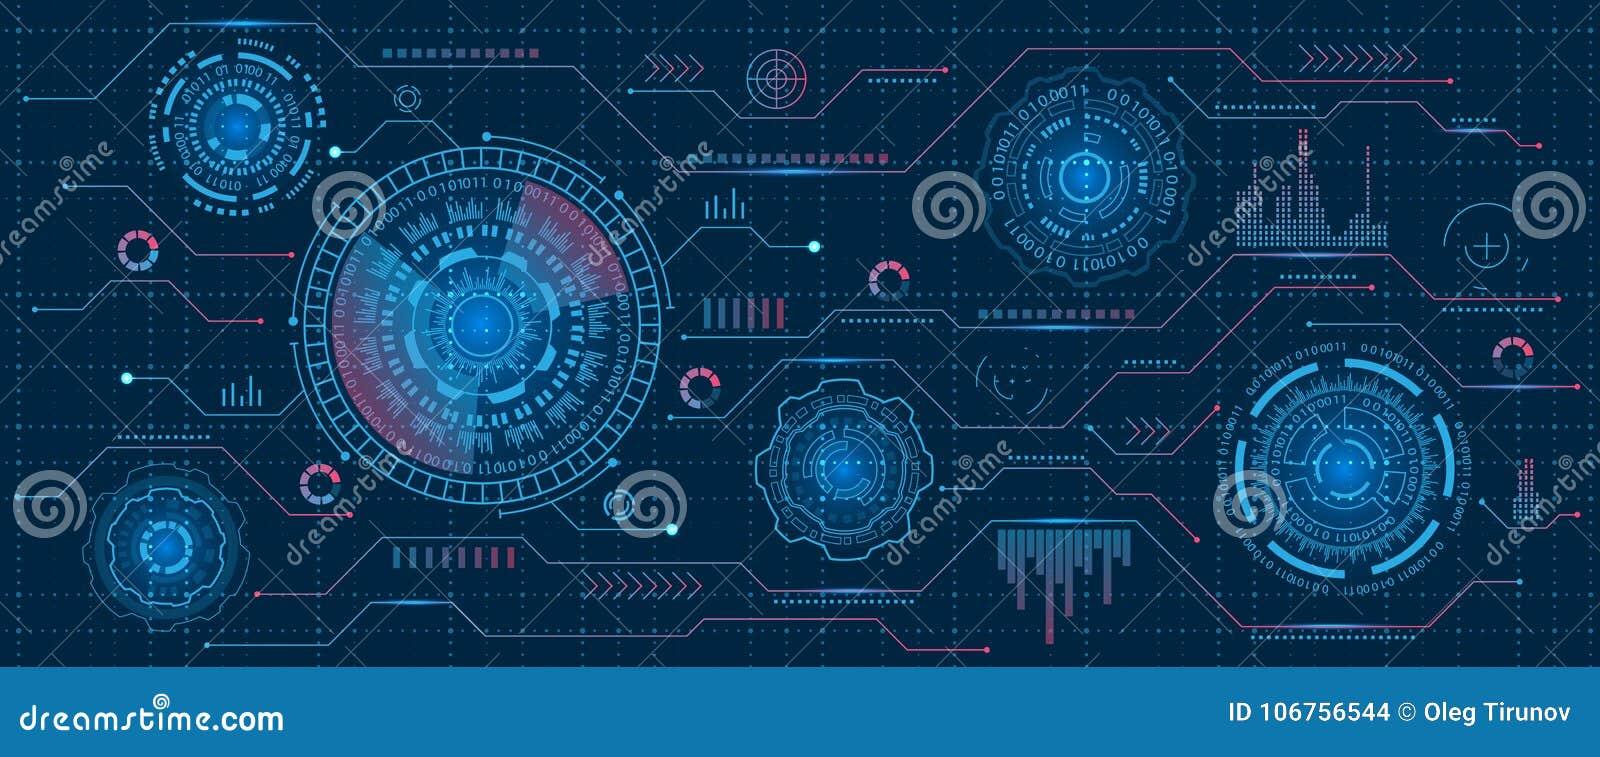 Relação futurista Hud Design, elementos de Infographic, tecnologia e ciência, tema da análise, molde UI para o App e virtual